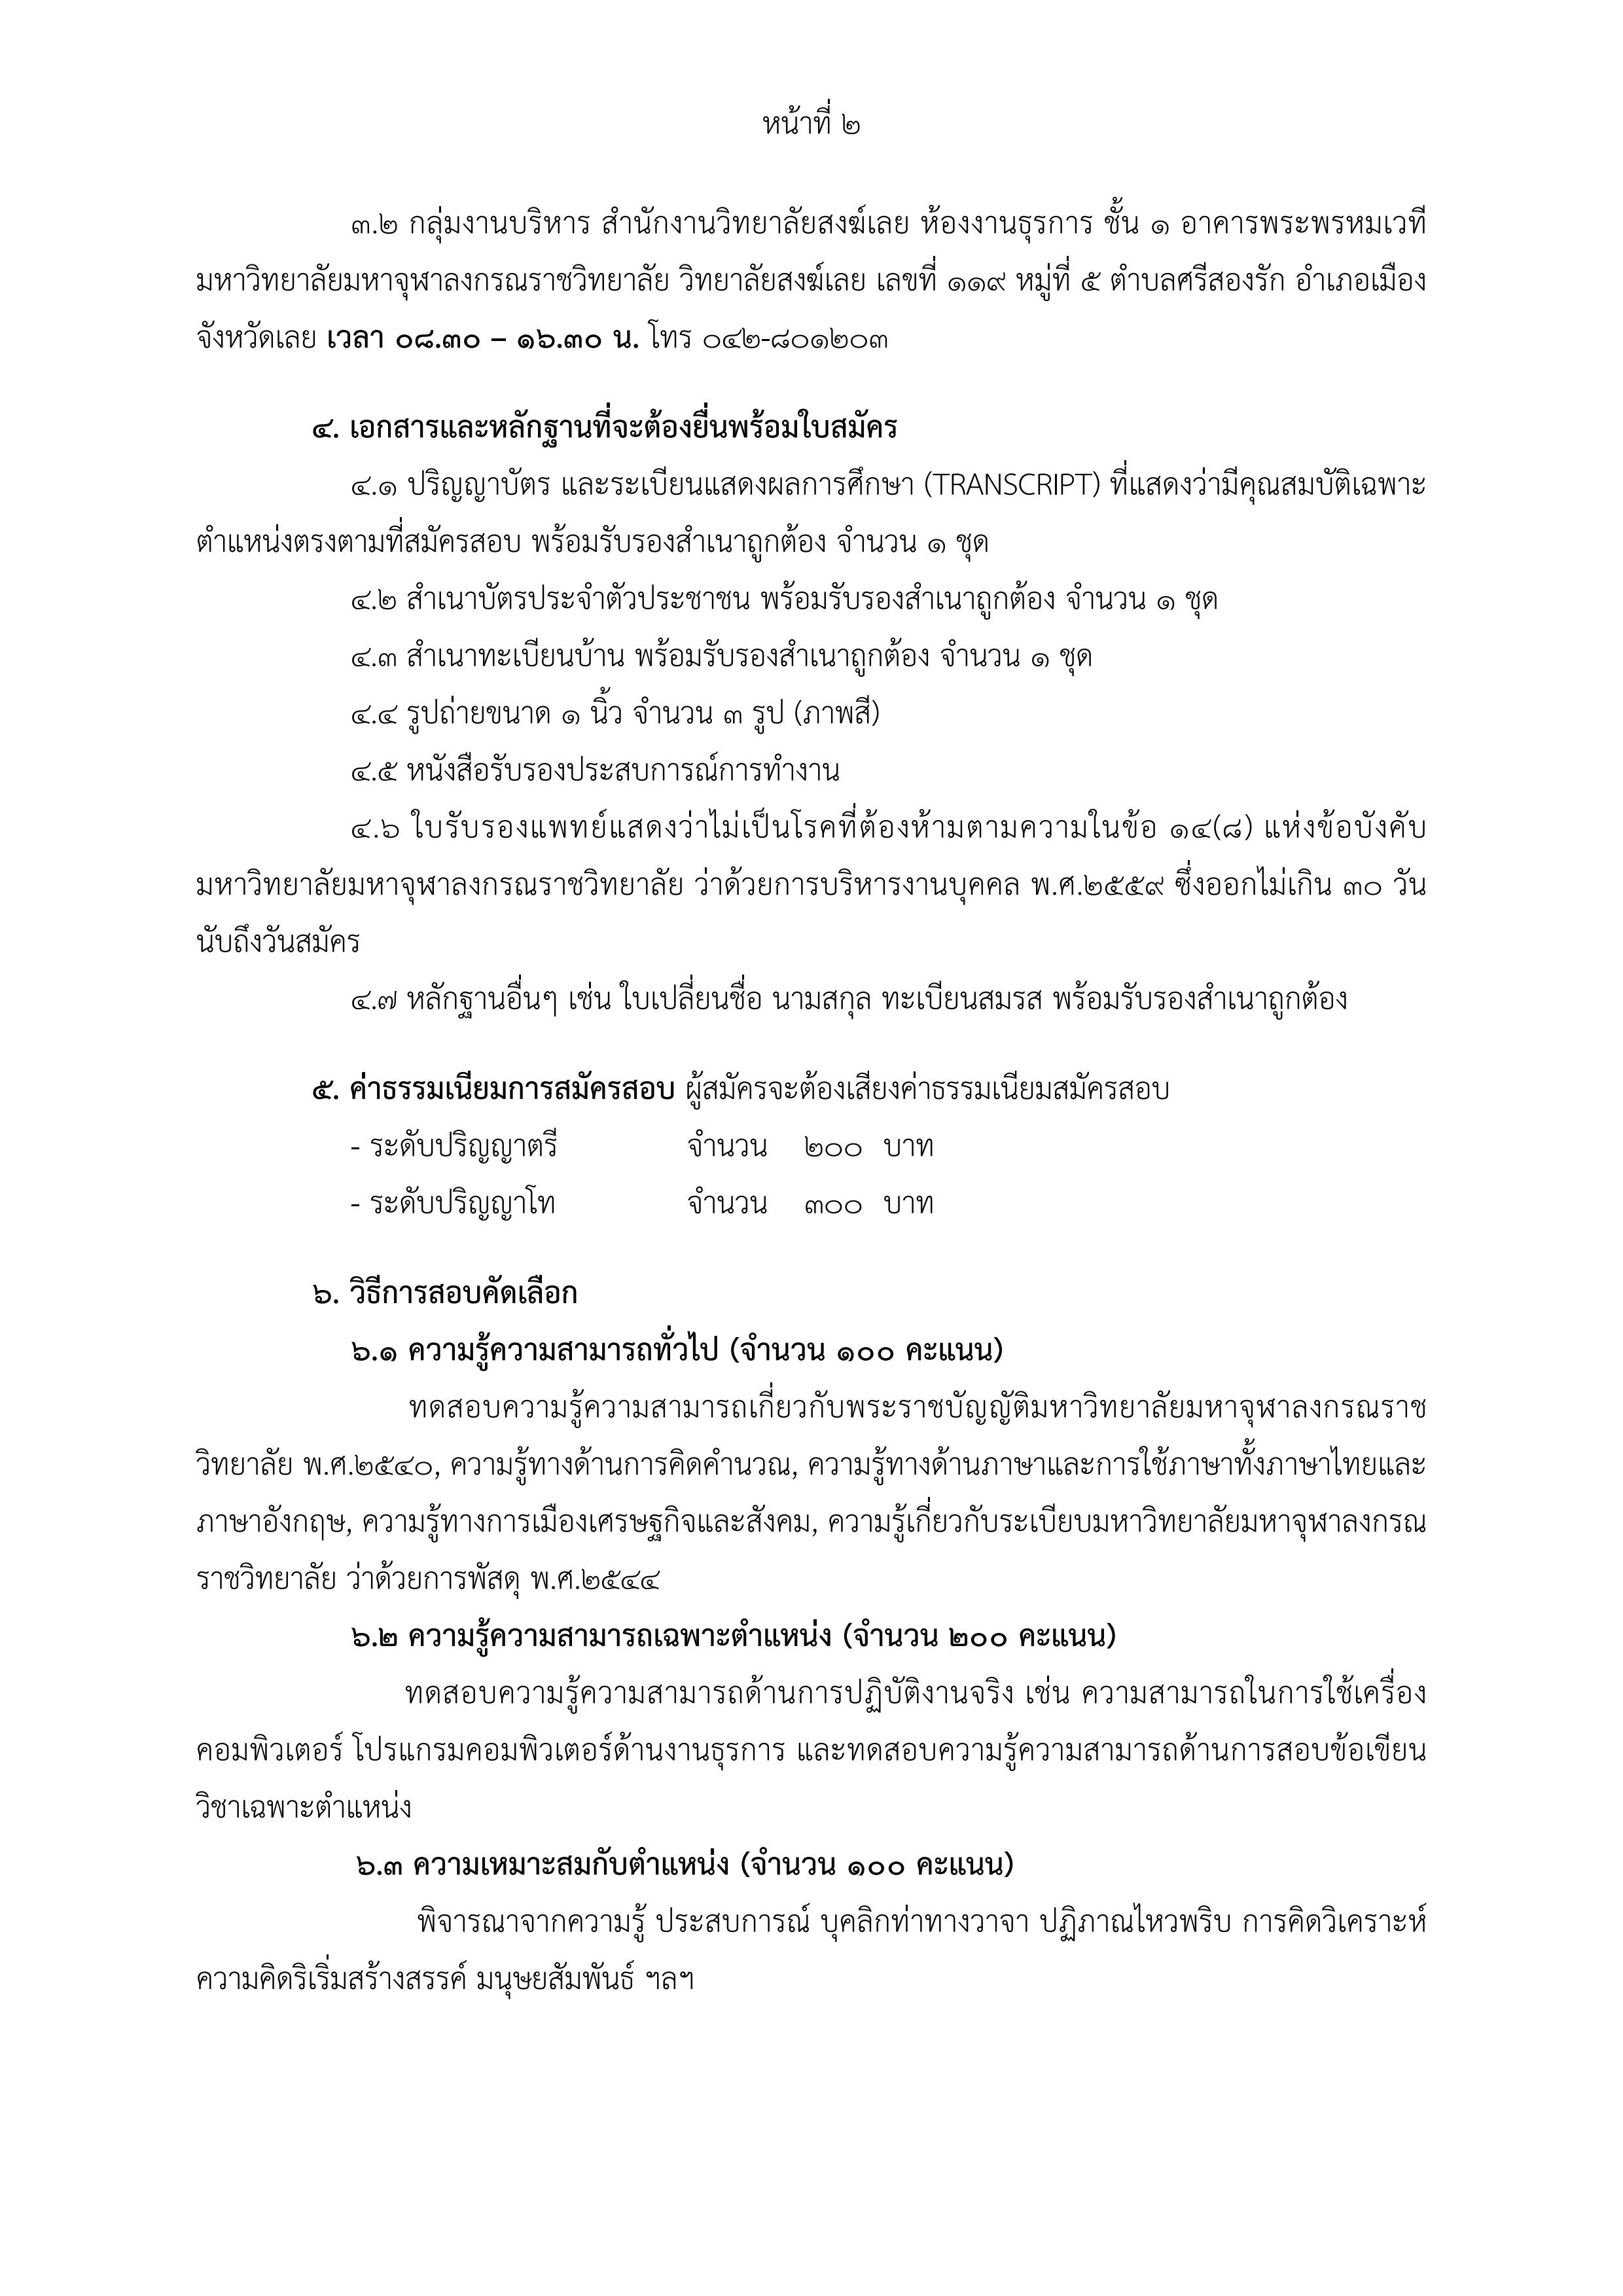 ประกาศรับสมัครjpg_Page2